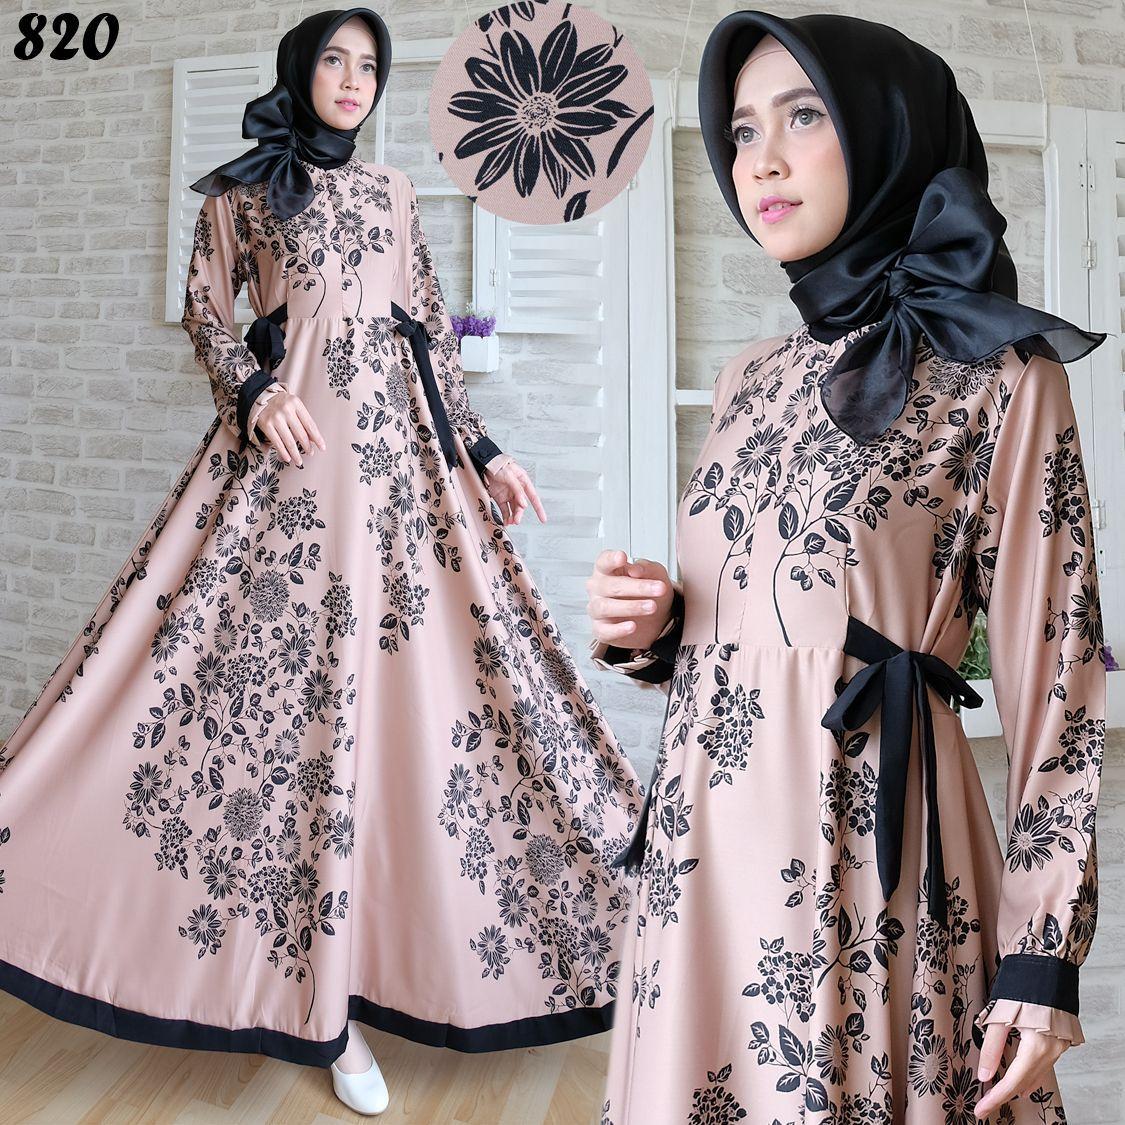 Gambar Busana Wanita Maxi Maxmara 10 Coklat Gold 10x10  Wanita